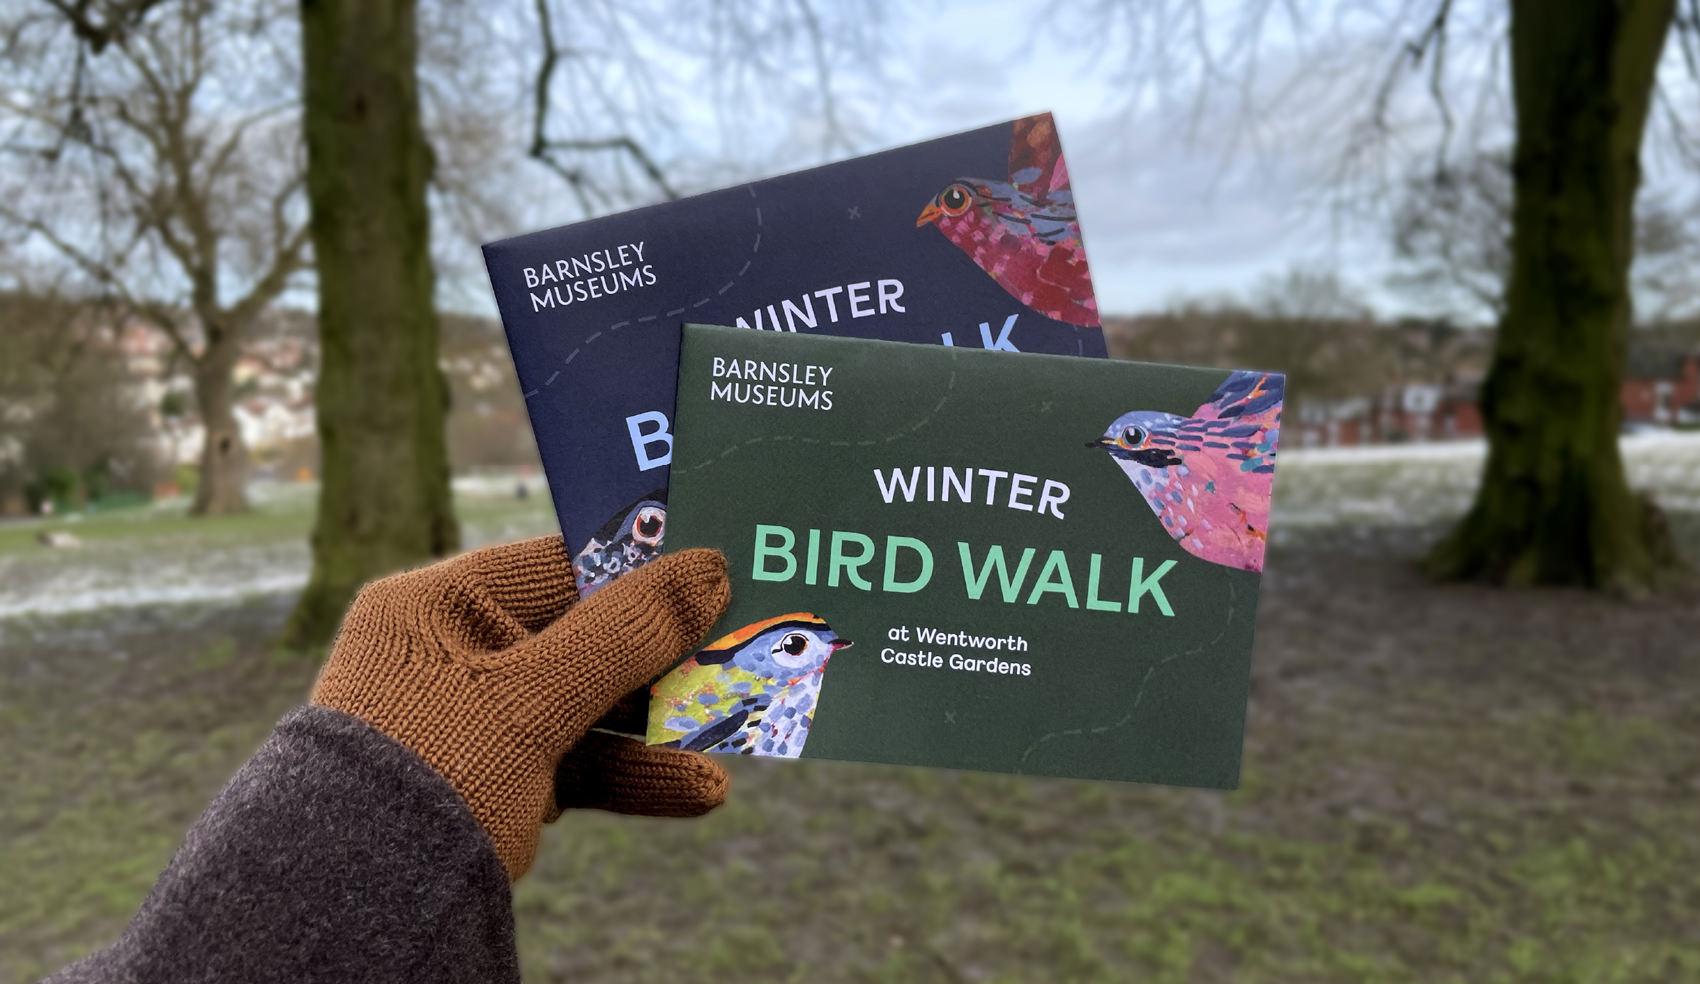 Barnsley Museums National Trust Winter Bird Walk maps